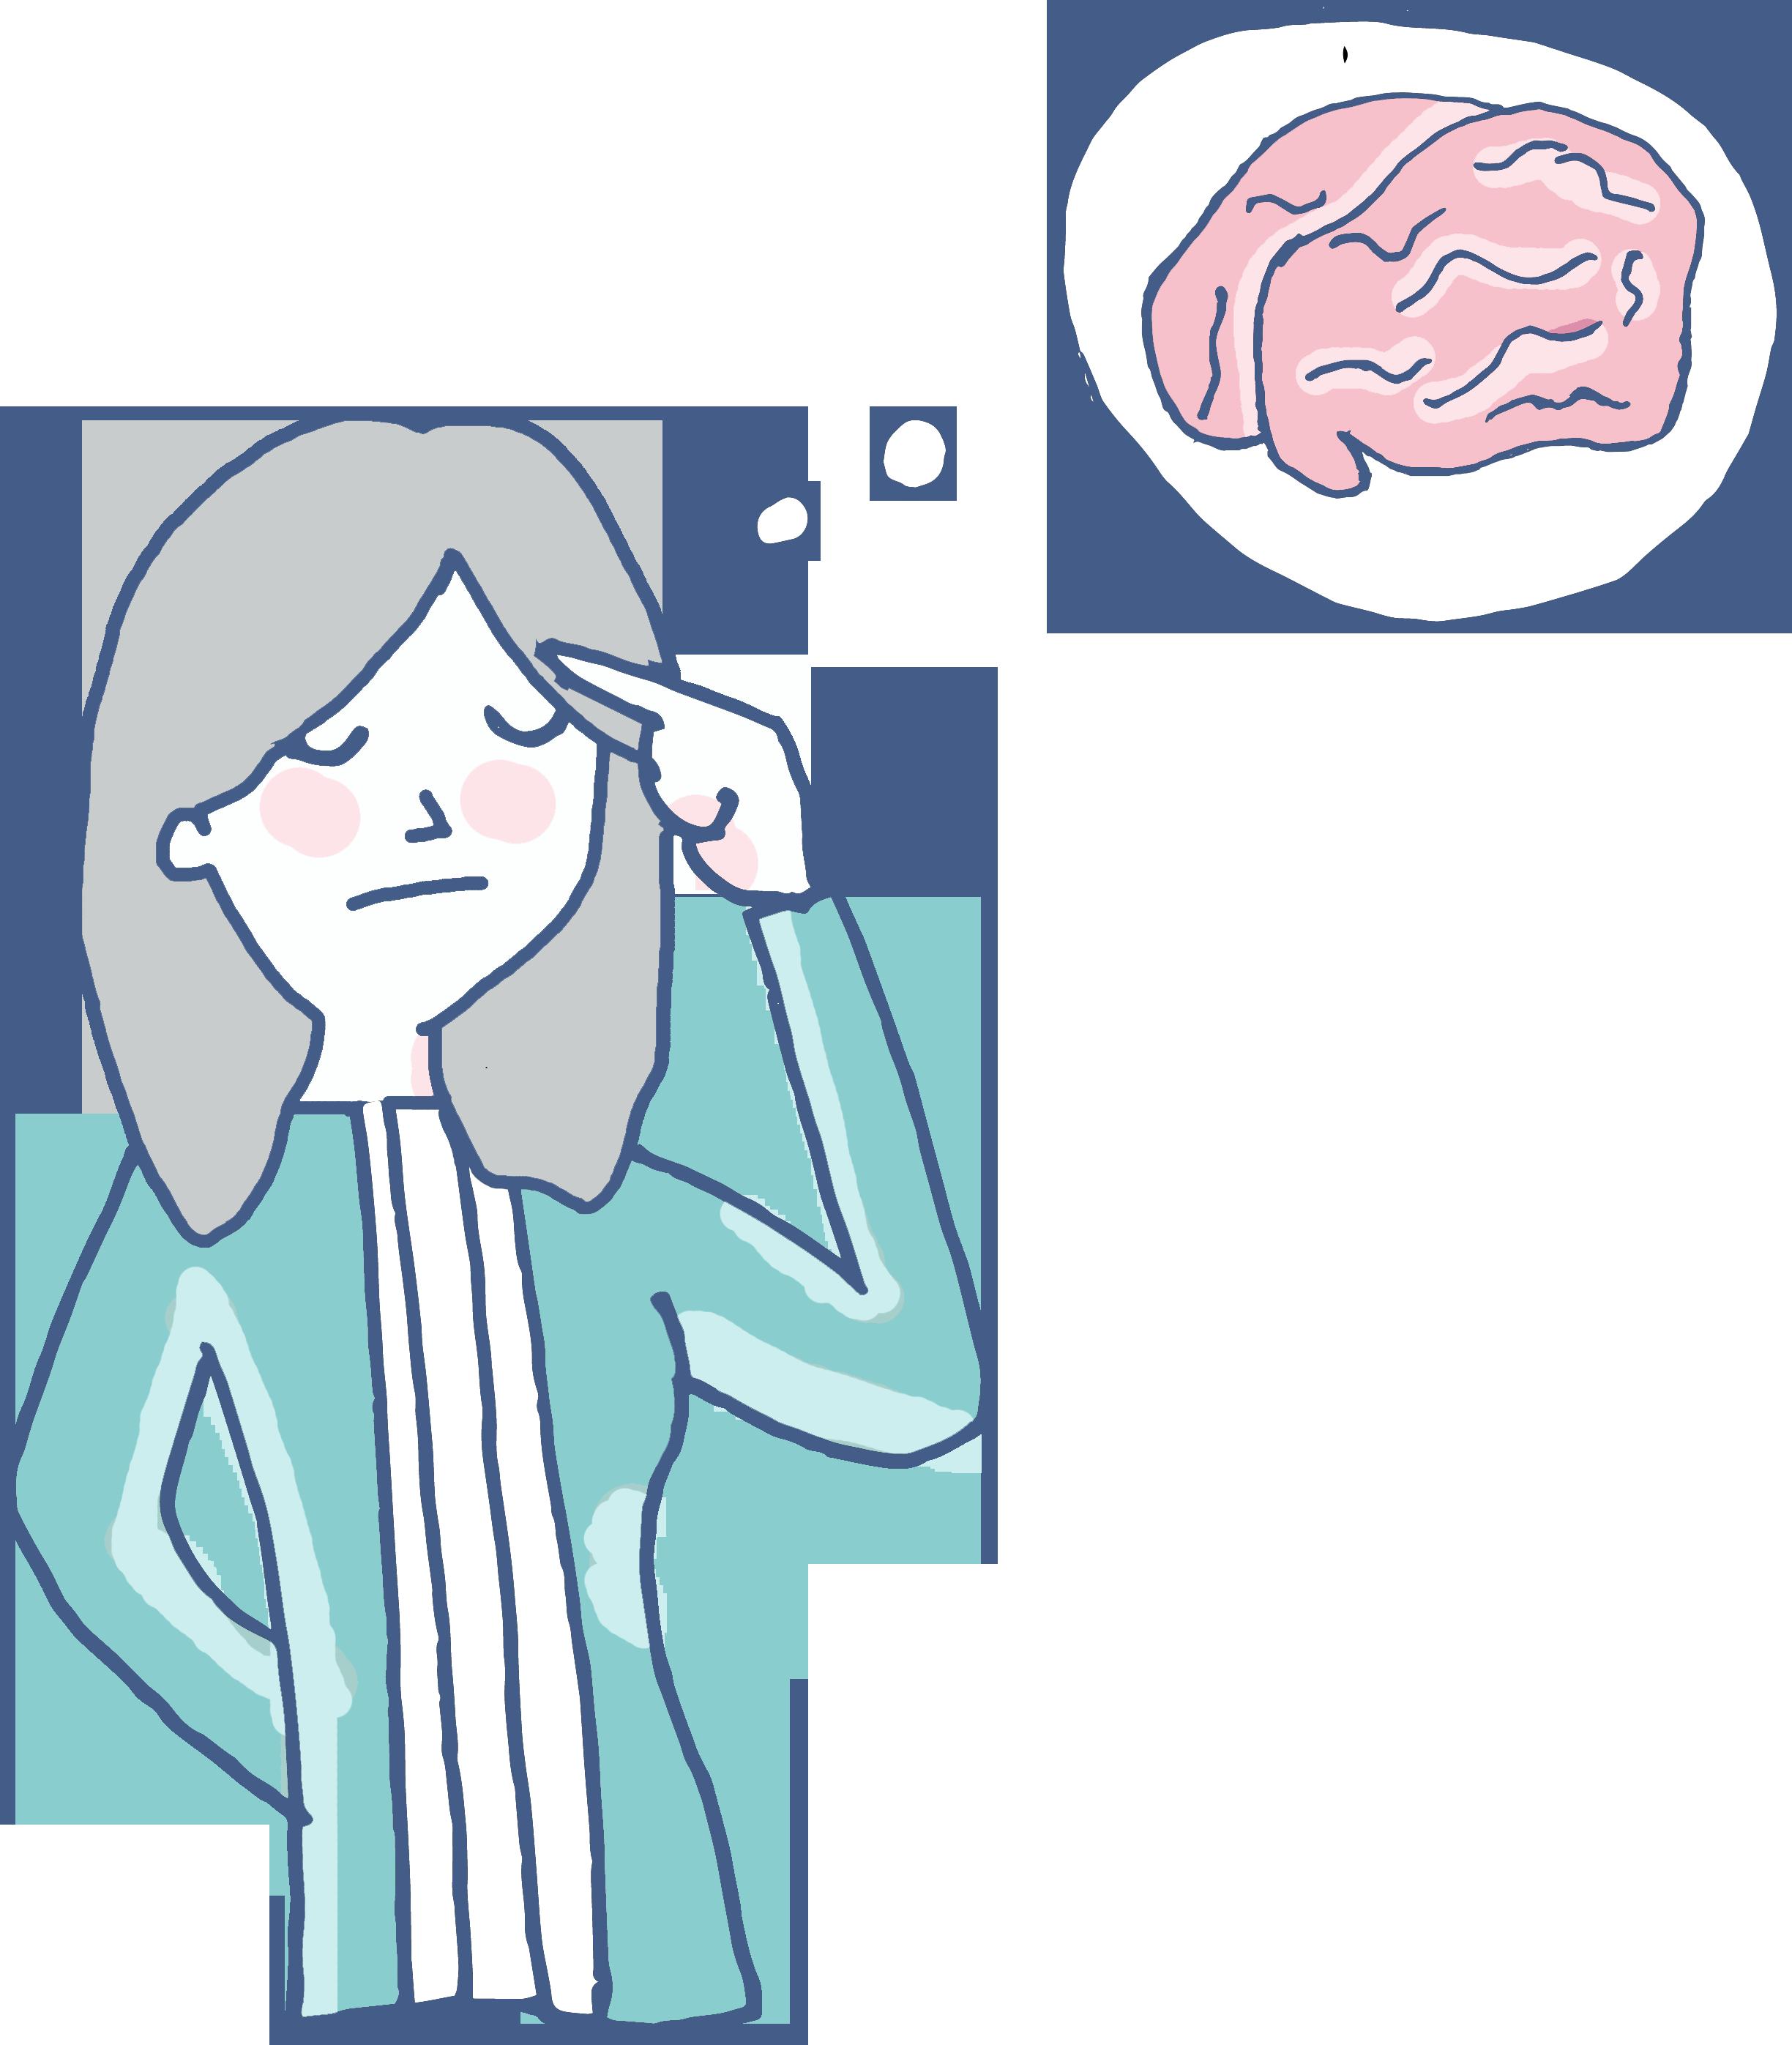 mitos y realidades de la psicologia